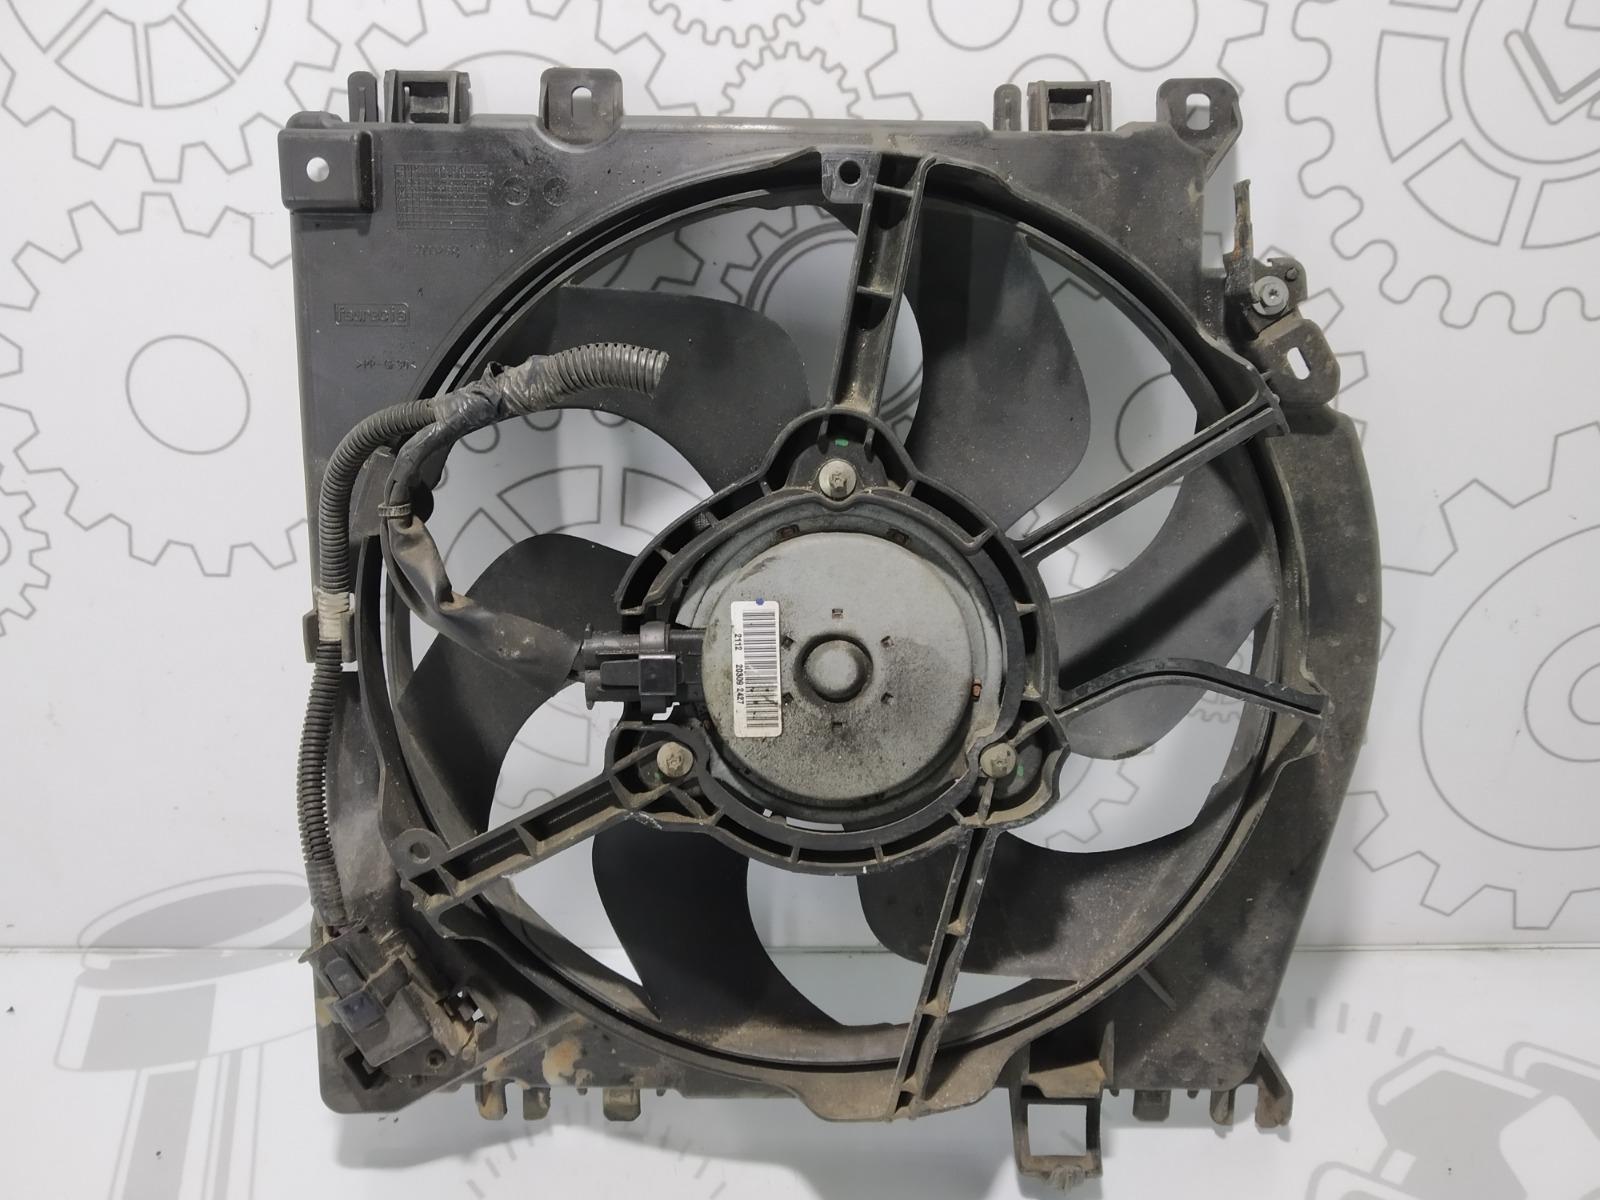 Вентилятор радиатора Nissan Note E11 1.5 DCI 2009 (б/у)